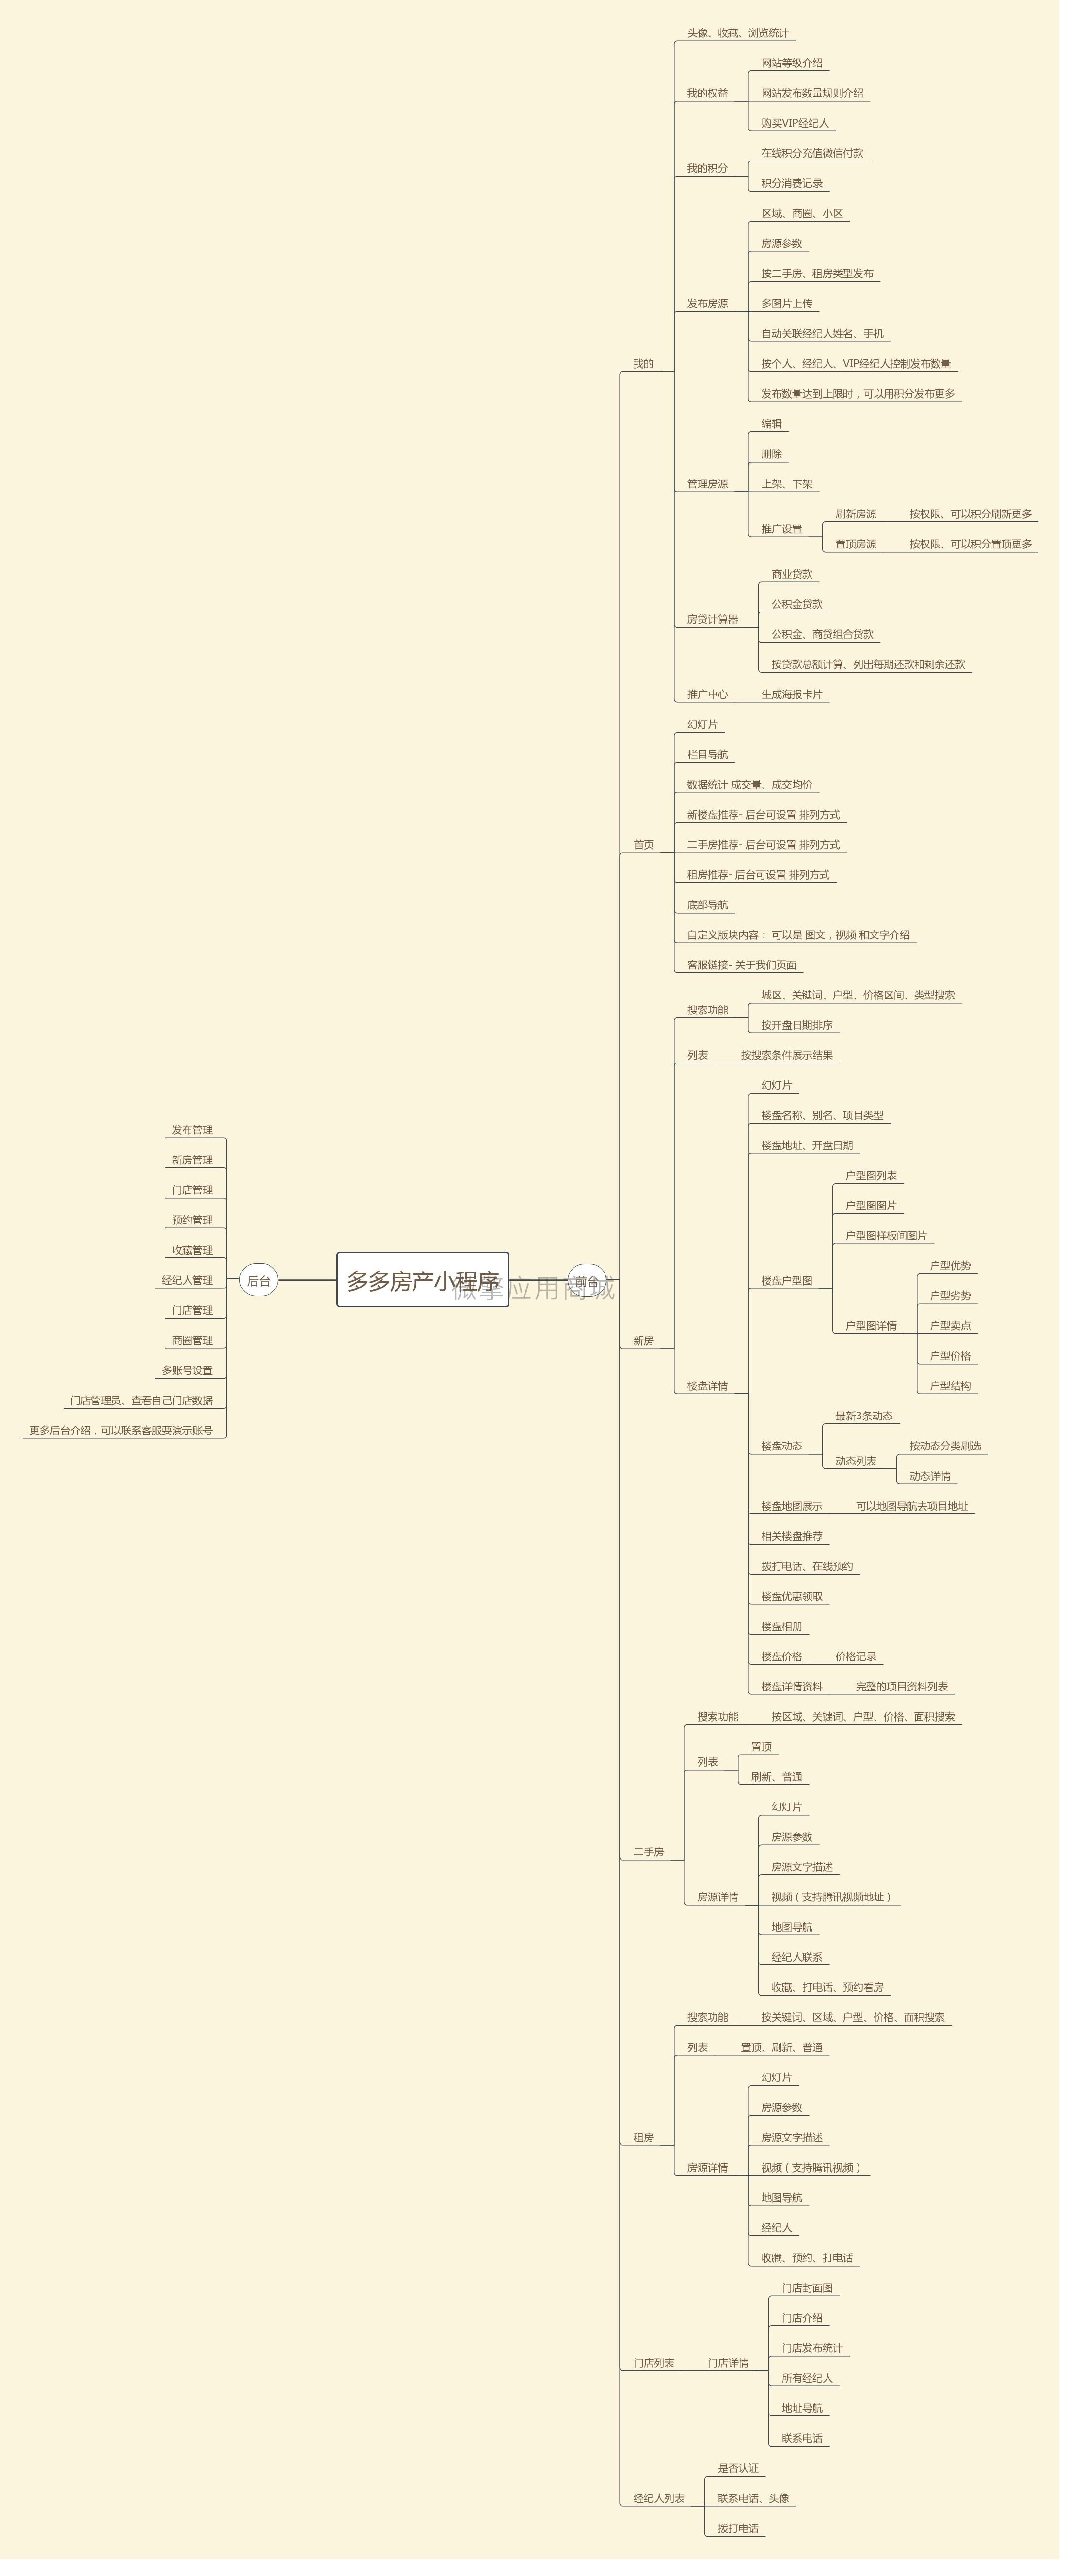 多多房产小程序.jpg